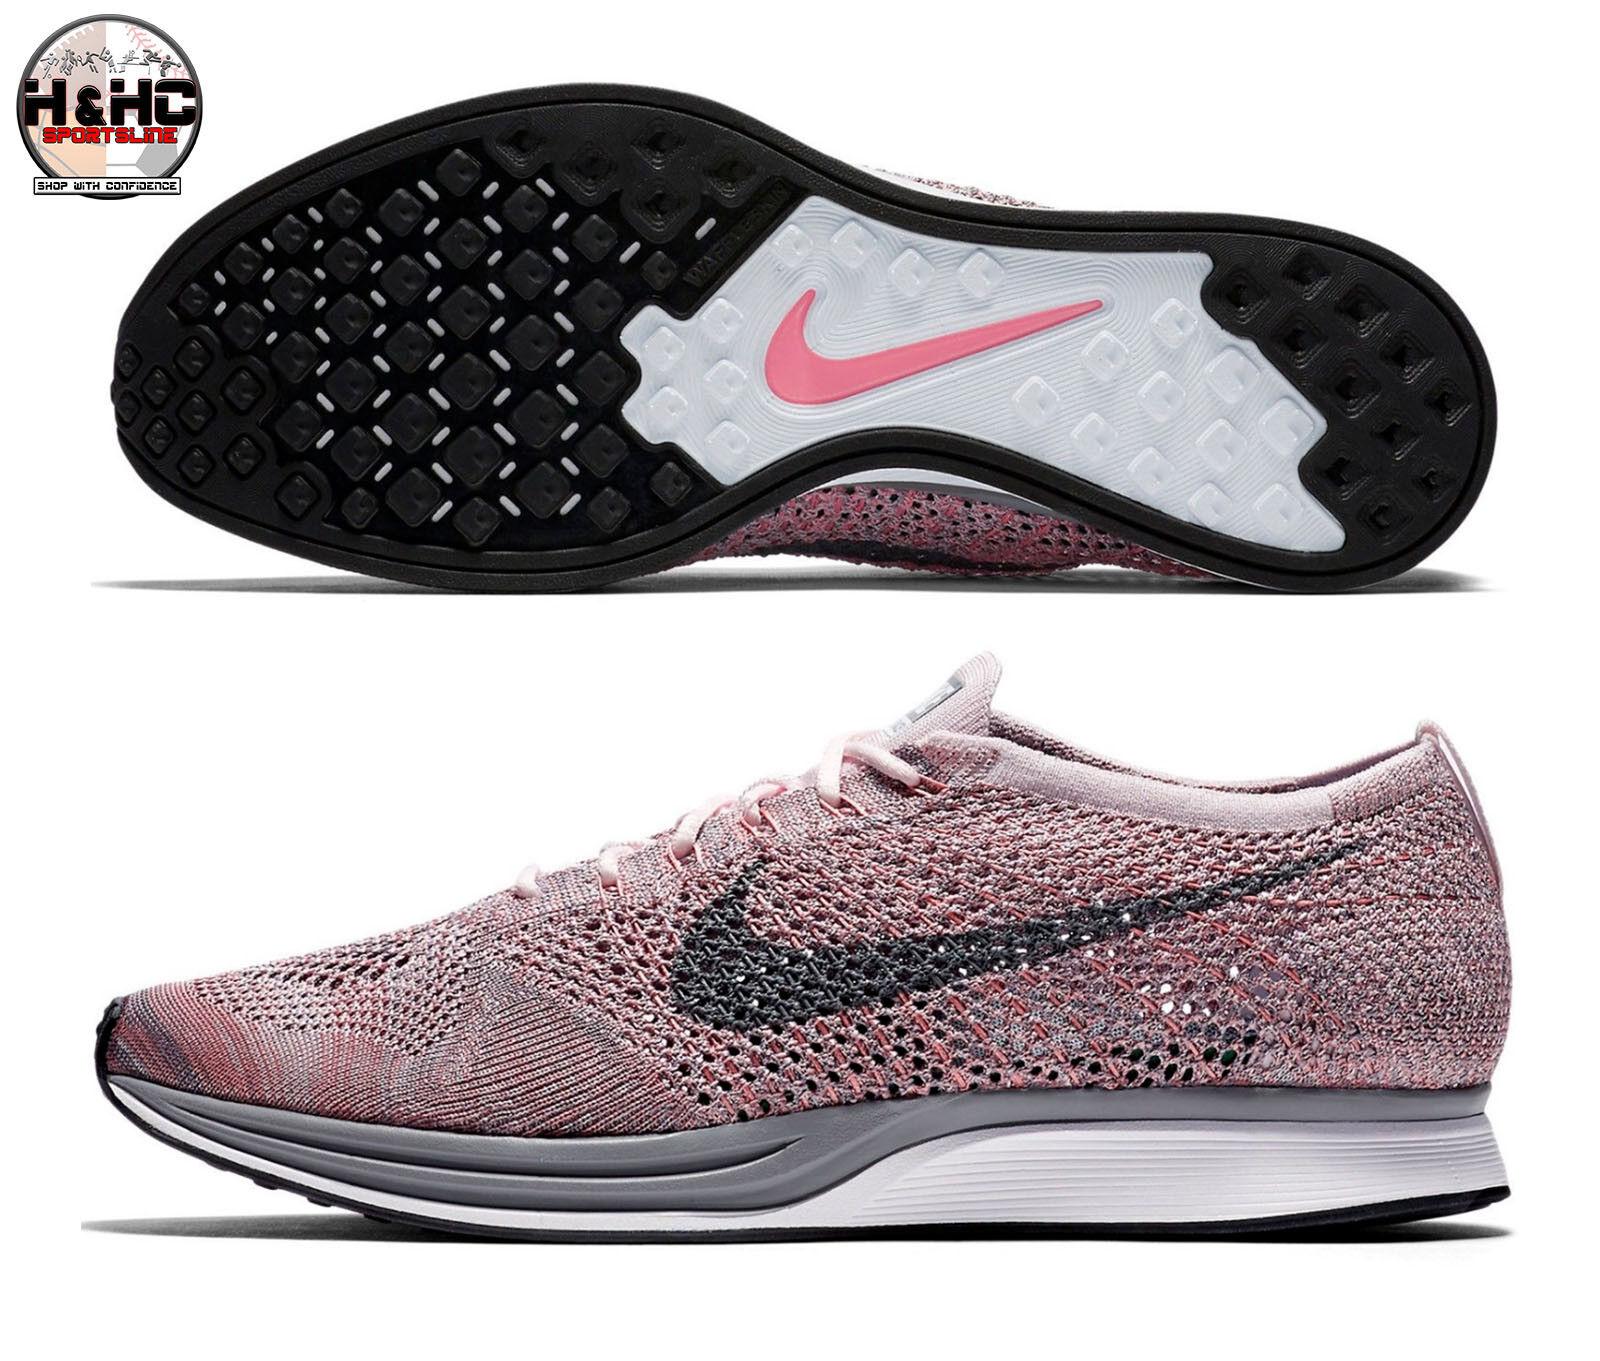 Nike flyknit 604 racer - pack 526628 604 flyknit perla rosa / uomini grigi sz 12,5 wmns 14 d1f0fe